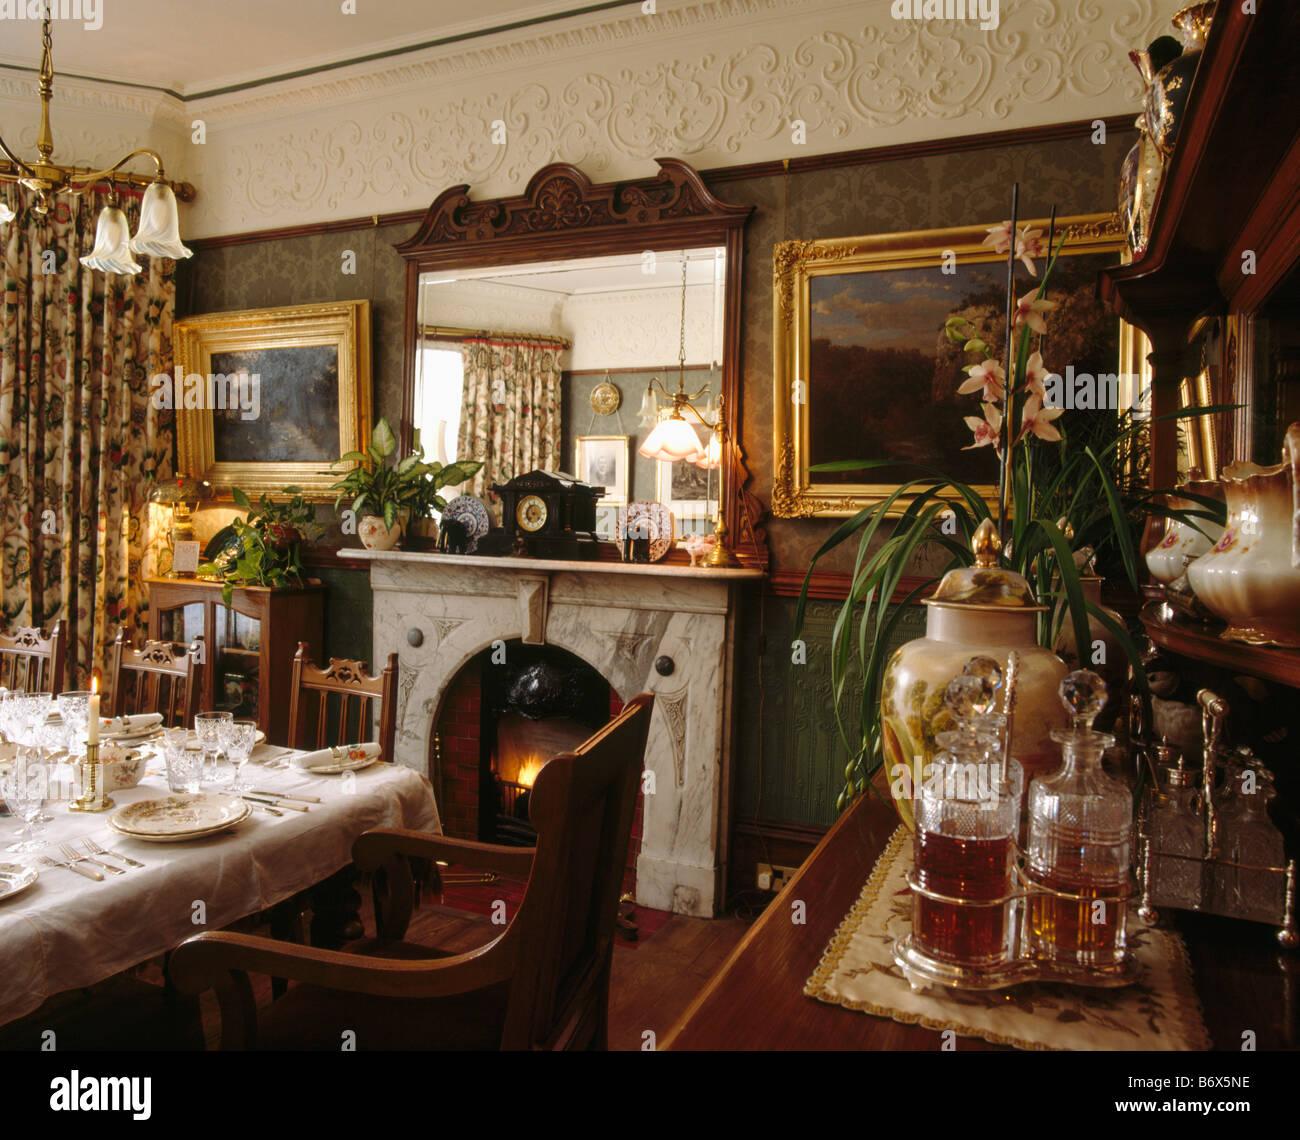 miroir au dessus de chemine dans la salle manger victorienne avec des images encadres de dorures et de stucs ornementaux corniche